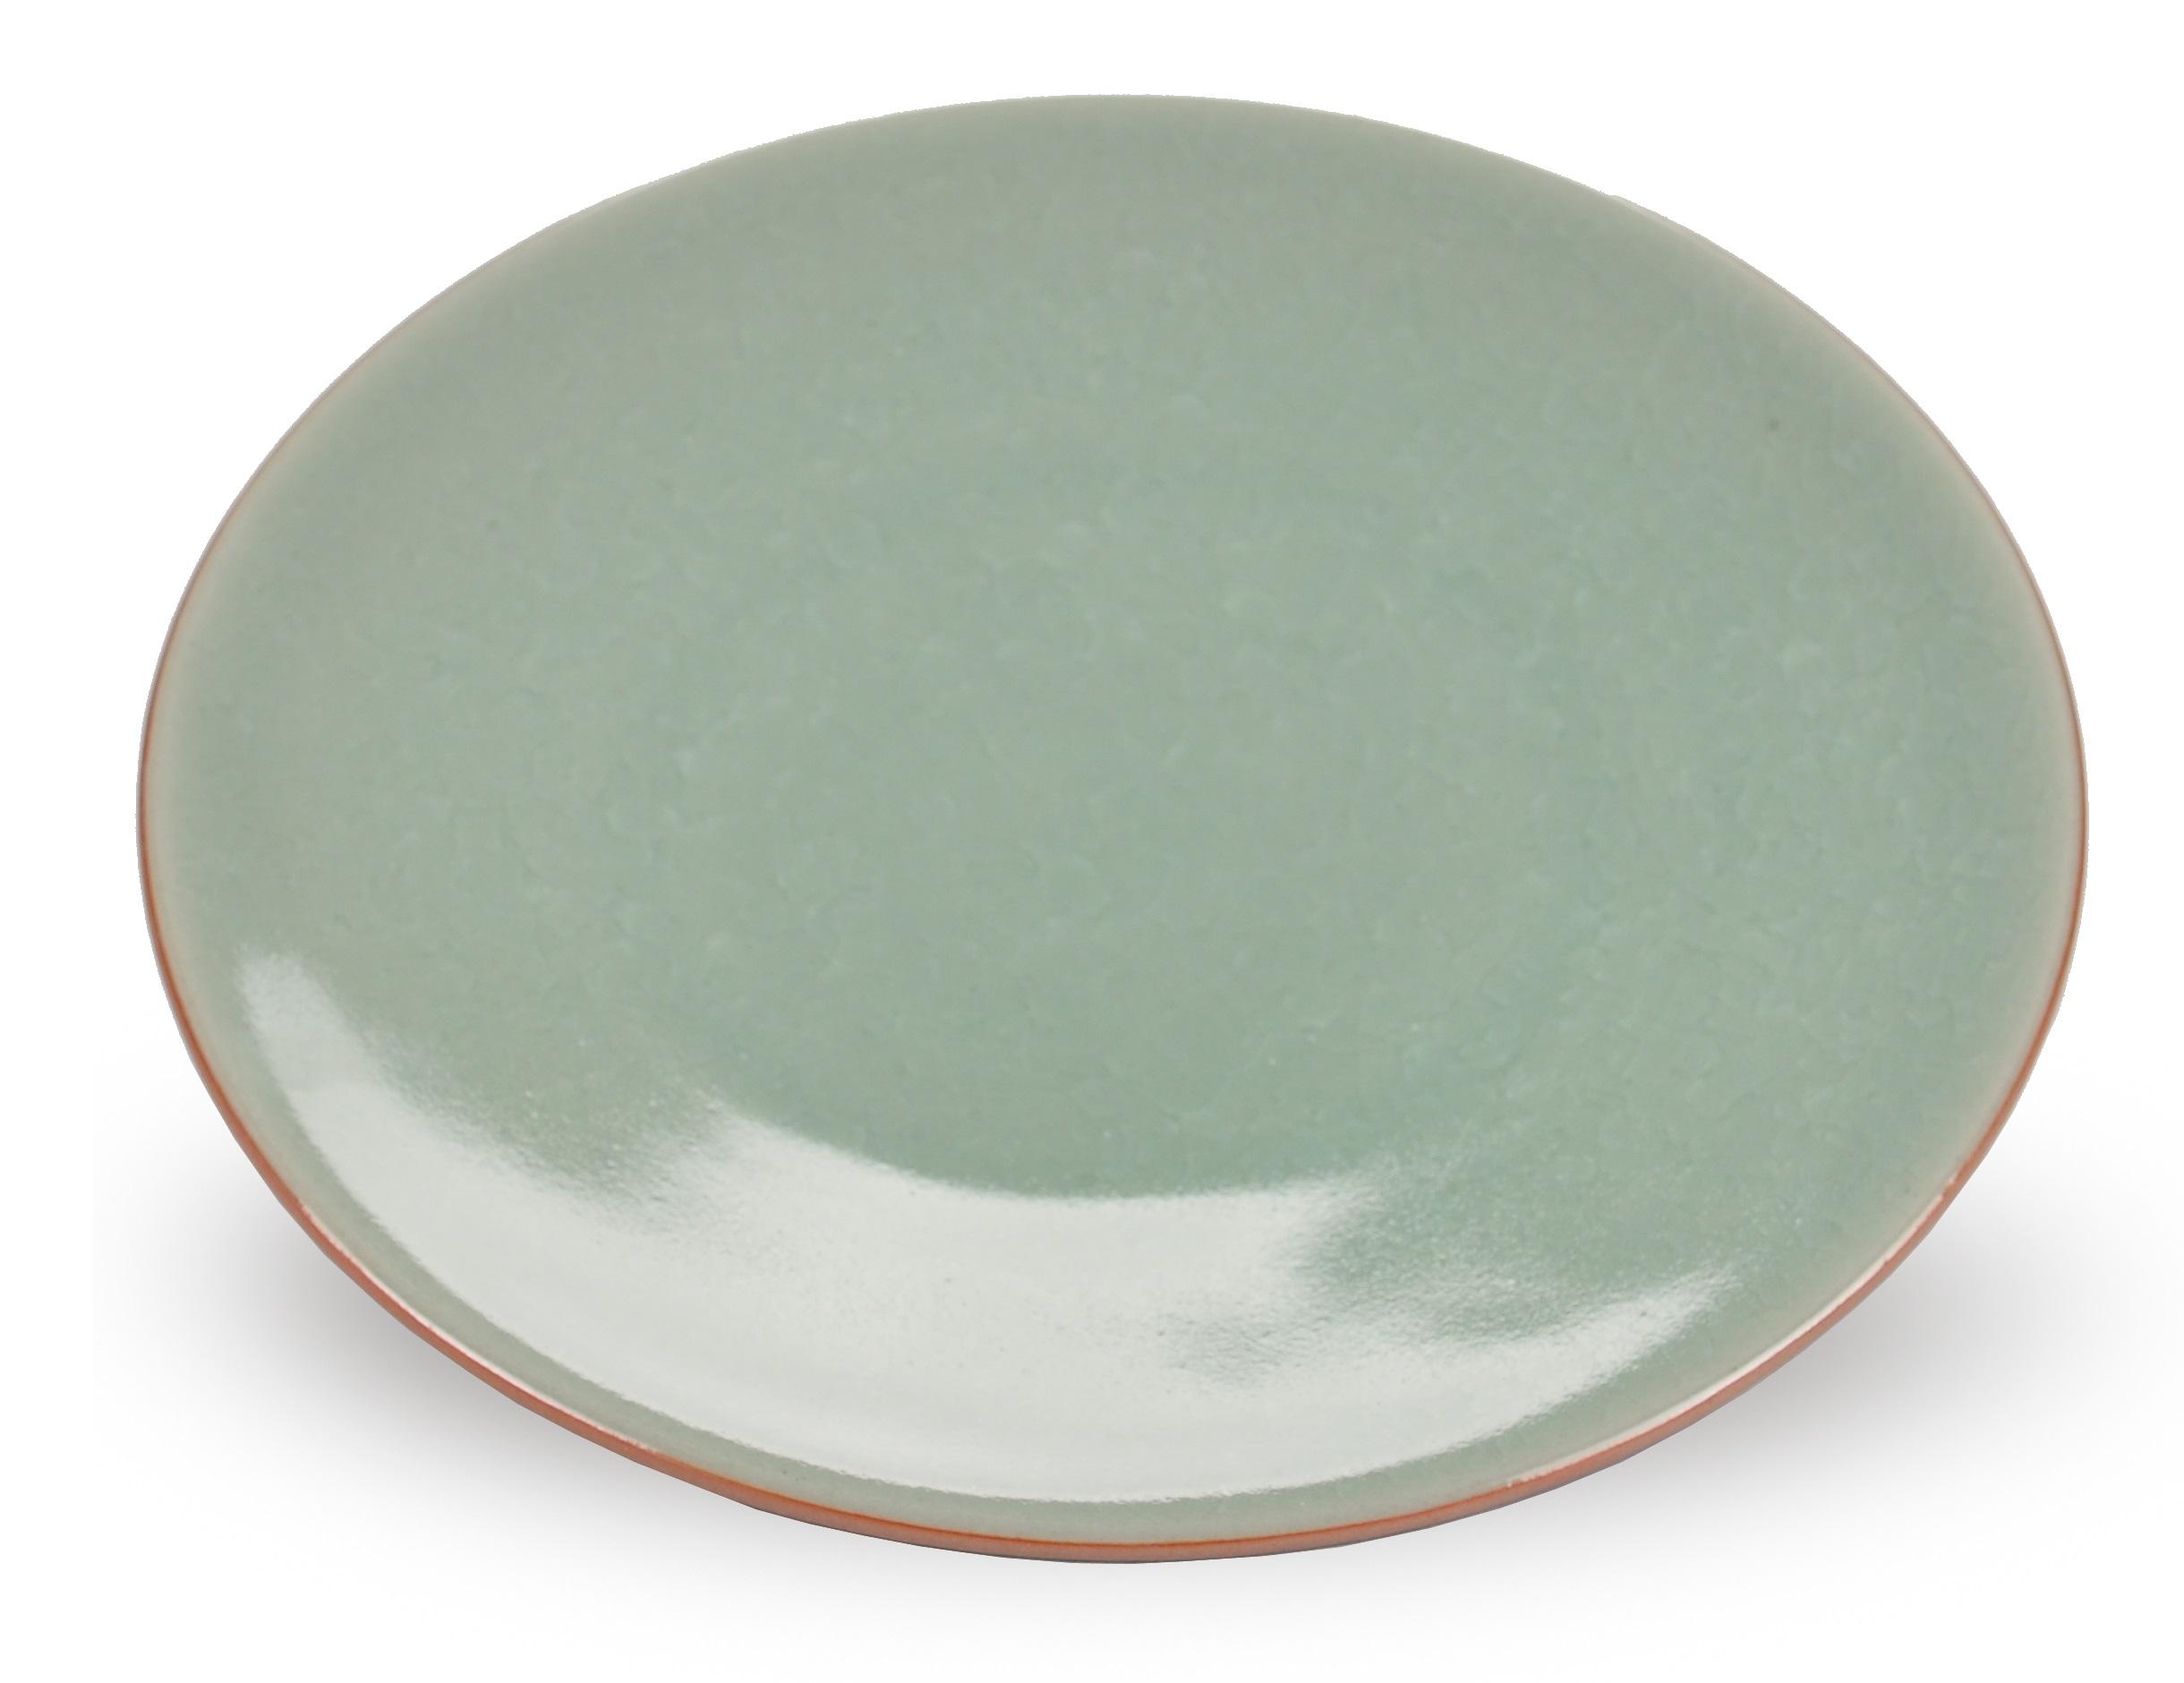 Тарелка ConceptТарелки<br>Сочетание минималистических тенденций и классической текстуры позволило создать посуду, способную удовлетворить самый изысканный вкус. Коллекция напоминает о тех минутах, когда природа замирает в ожидании чуда. Домашний обед или ужин в ресторане, коллекция &amp;quot;Concept&amp;quot; создаст атмосферу индивидуальности, изысканности и гармонии.<br><br>Material: Керамика<br>Height см: 3.2<br>Diameter см: 22.9